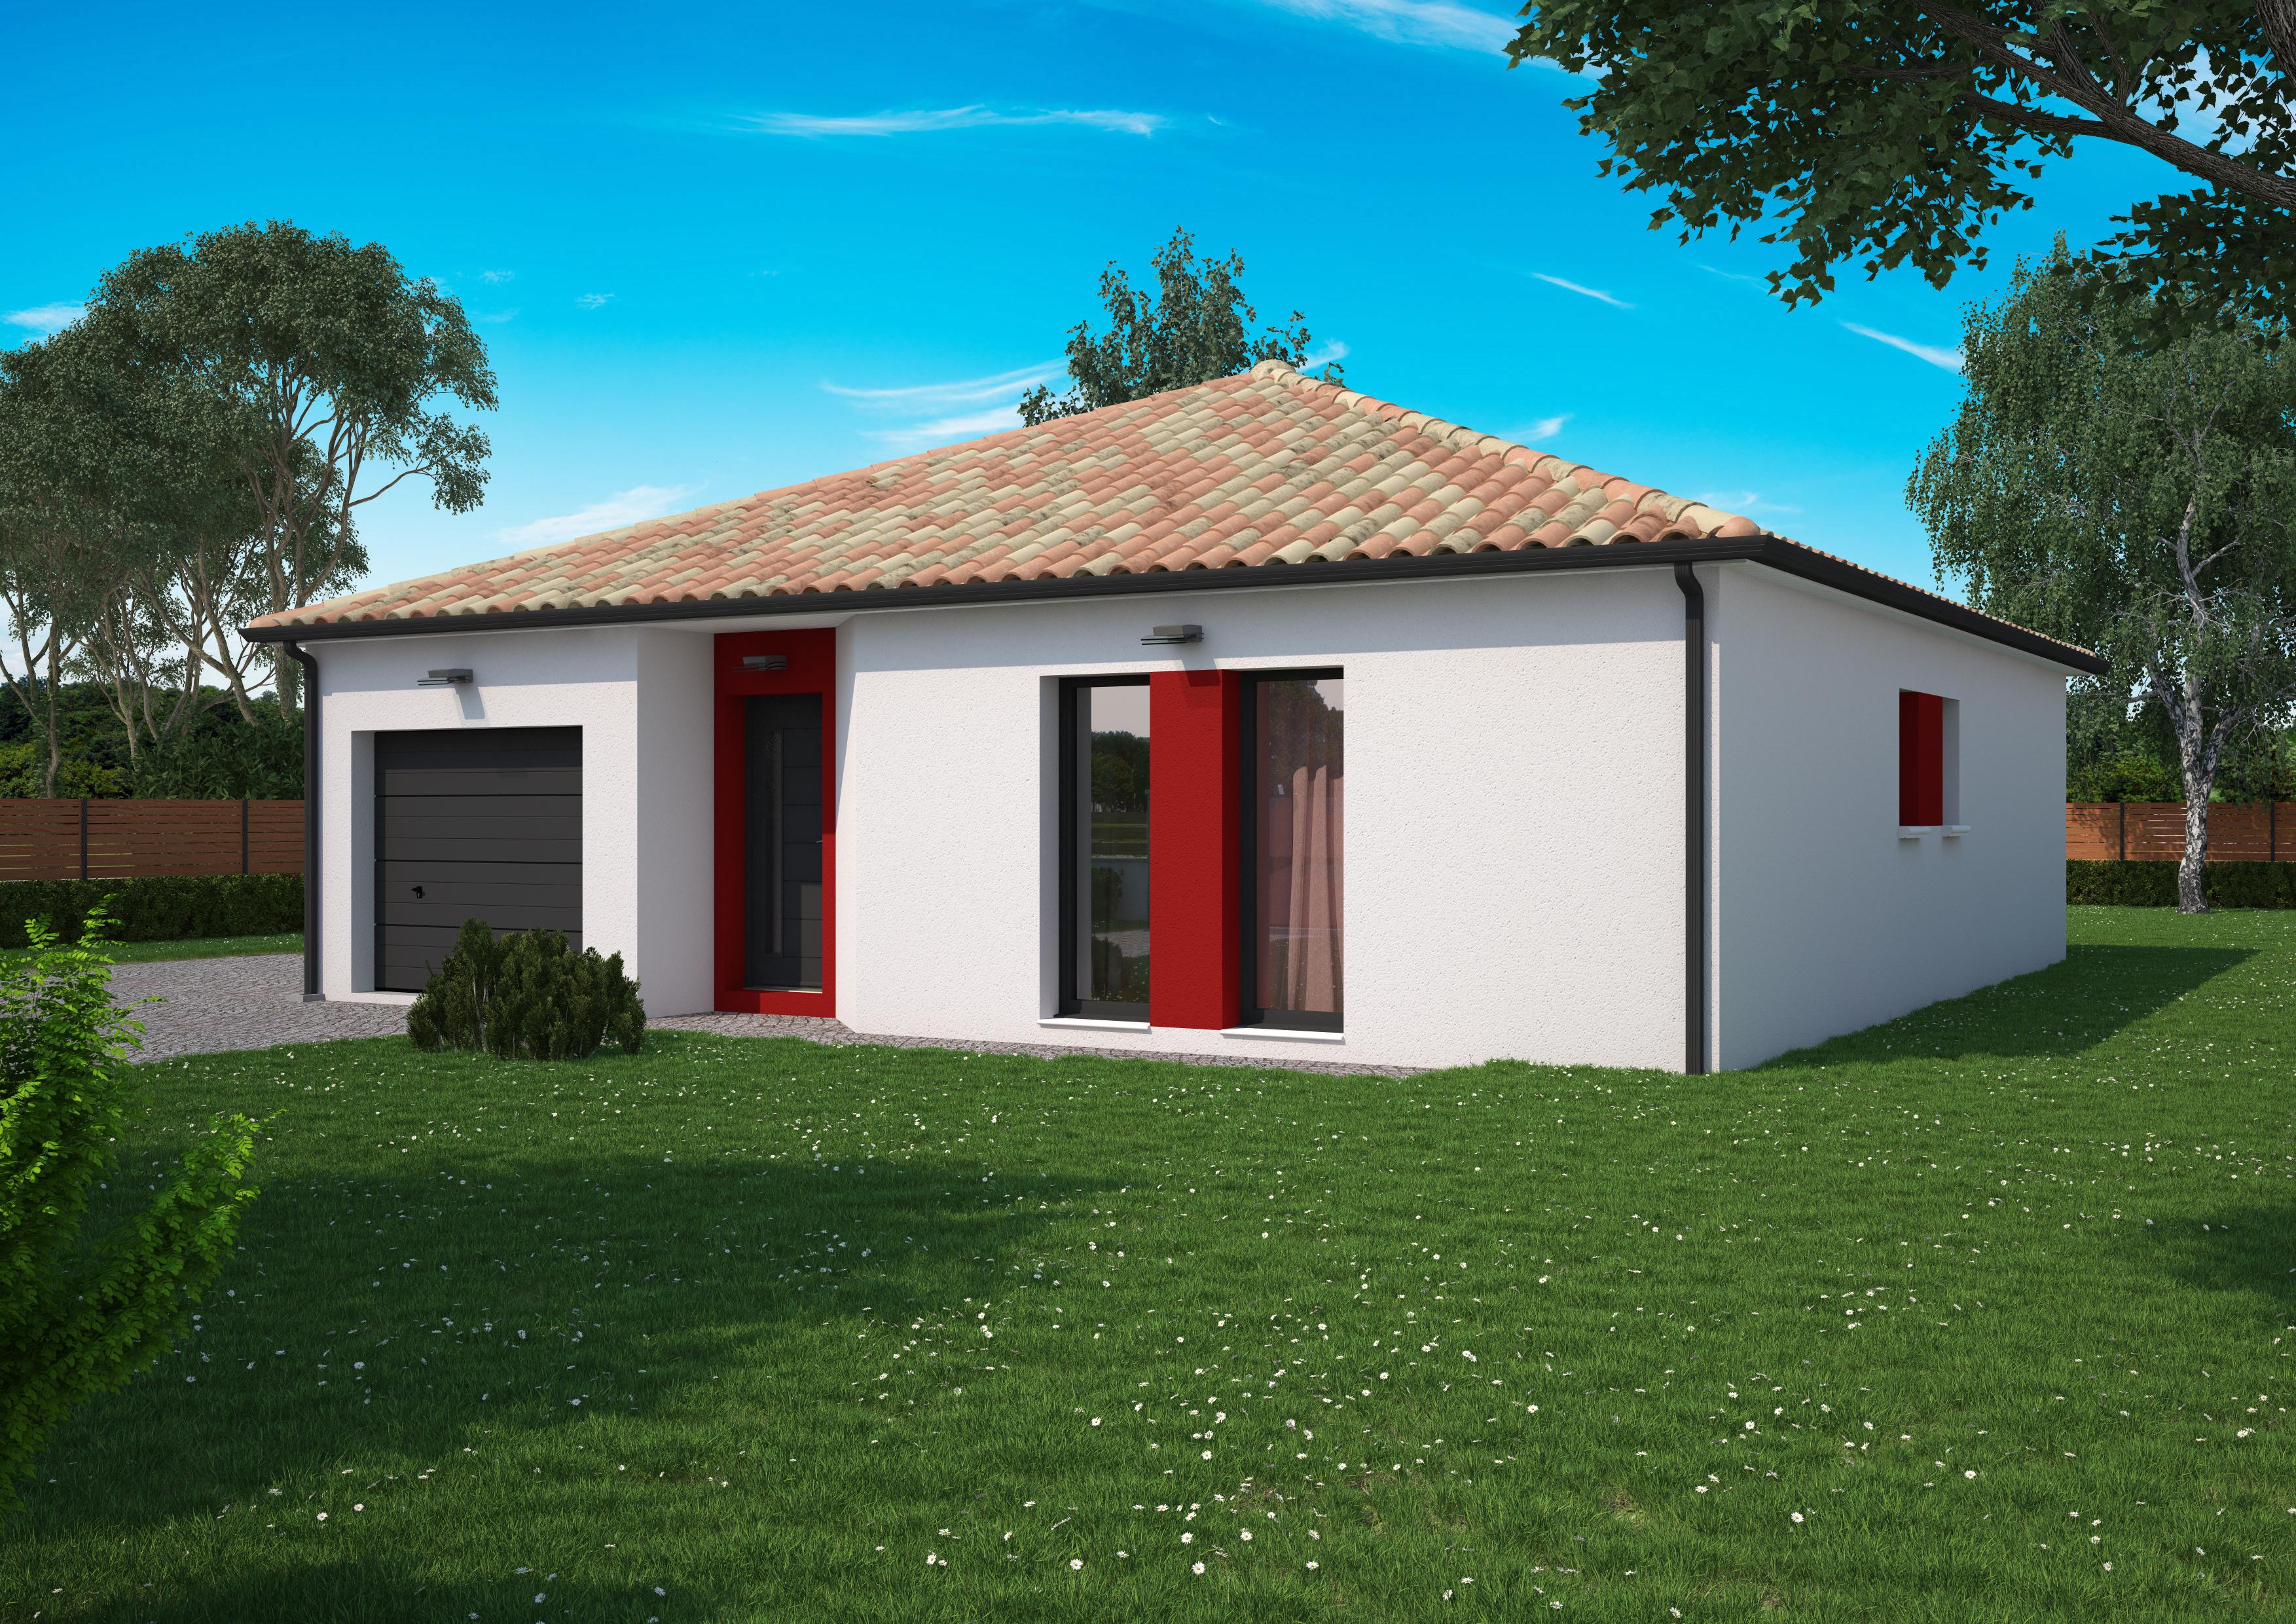 Maison 3 chambres de 91 m²